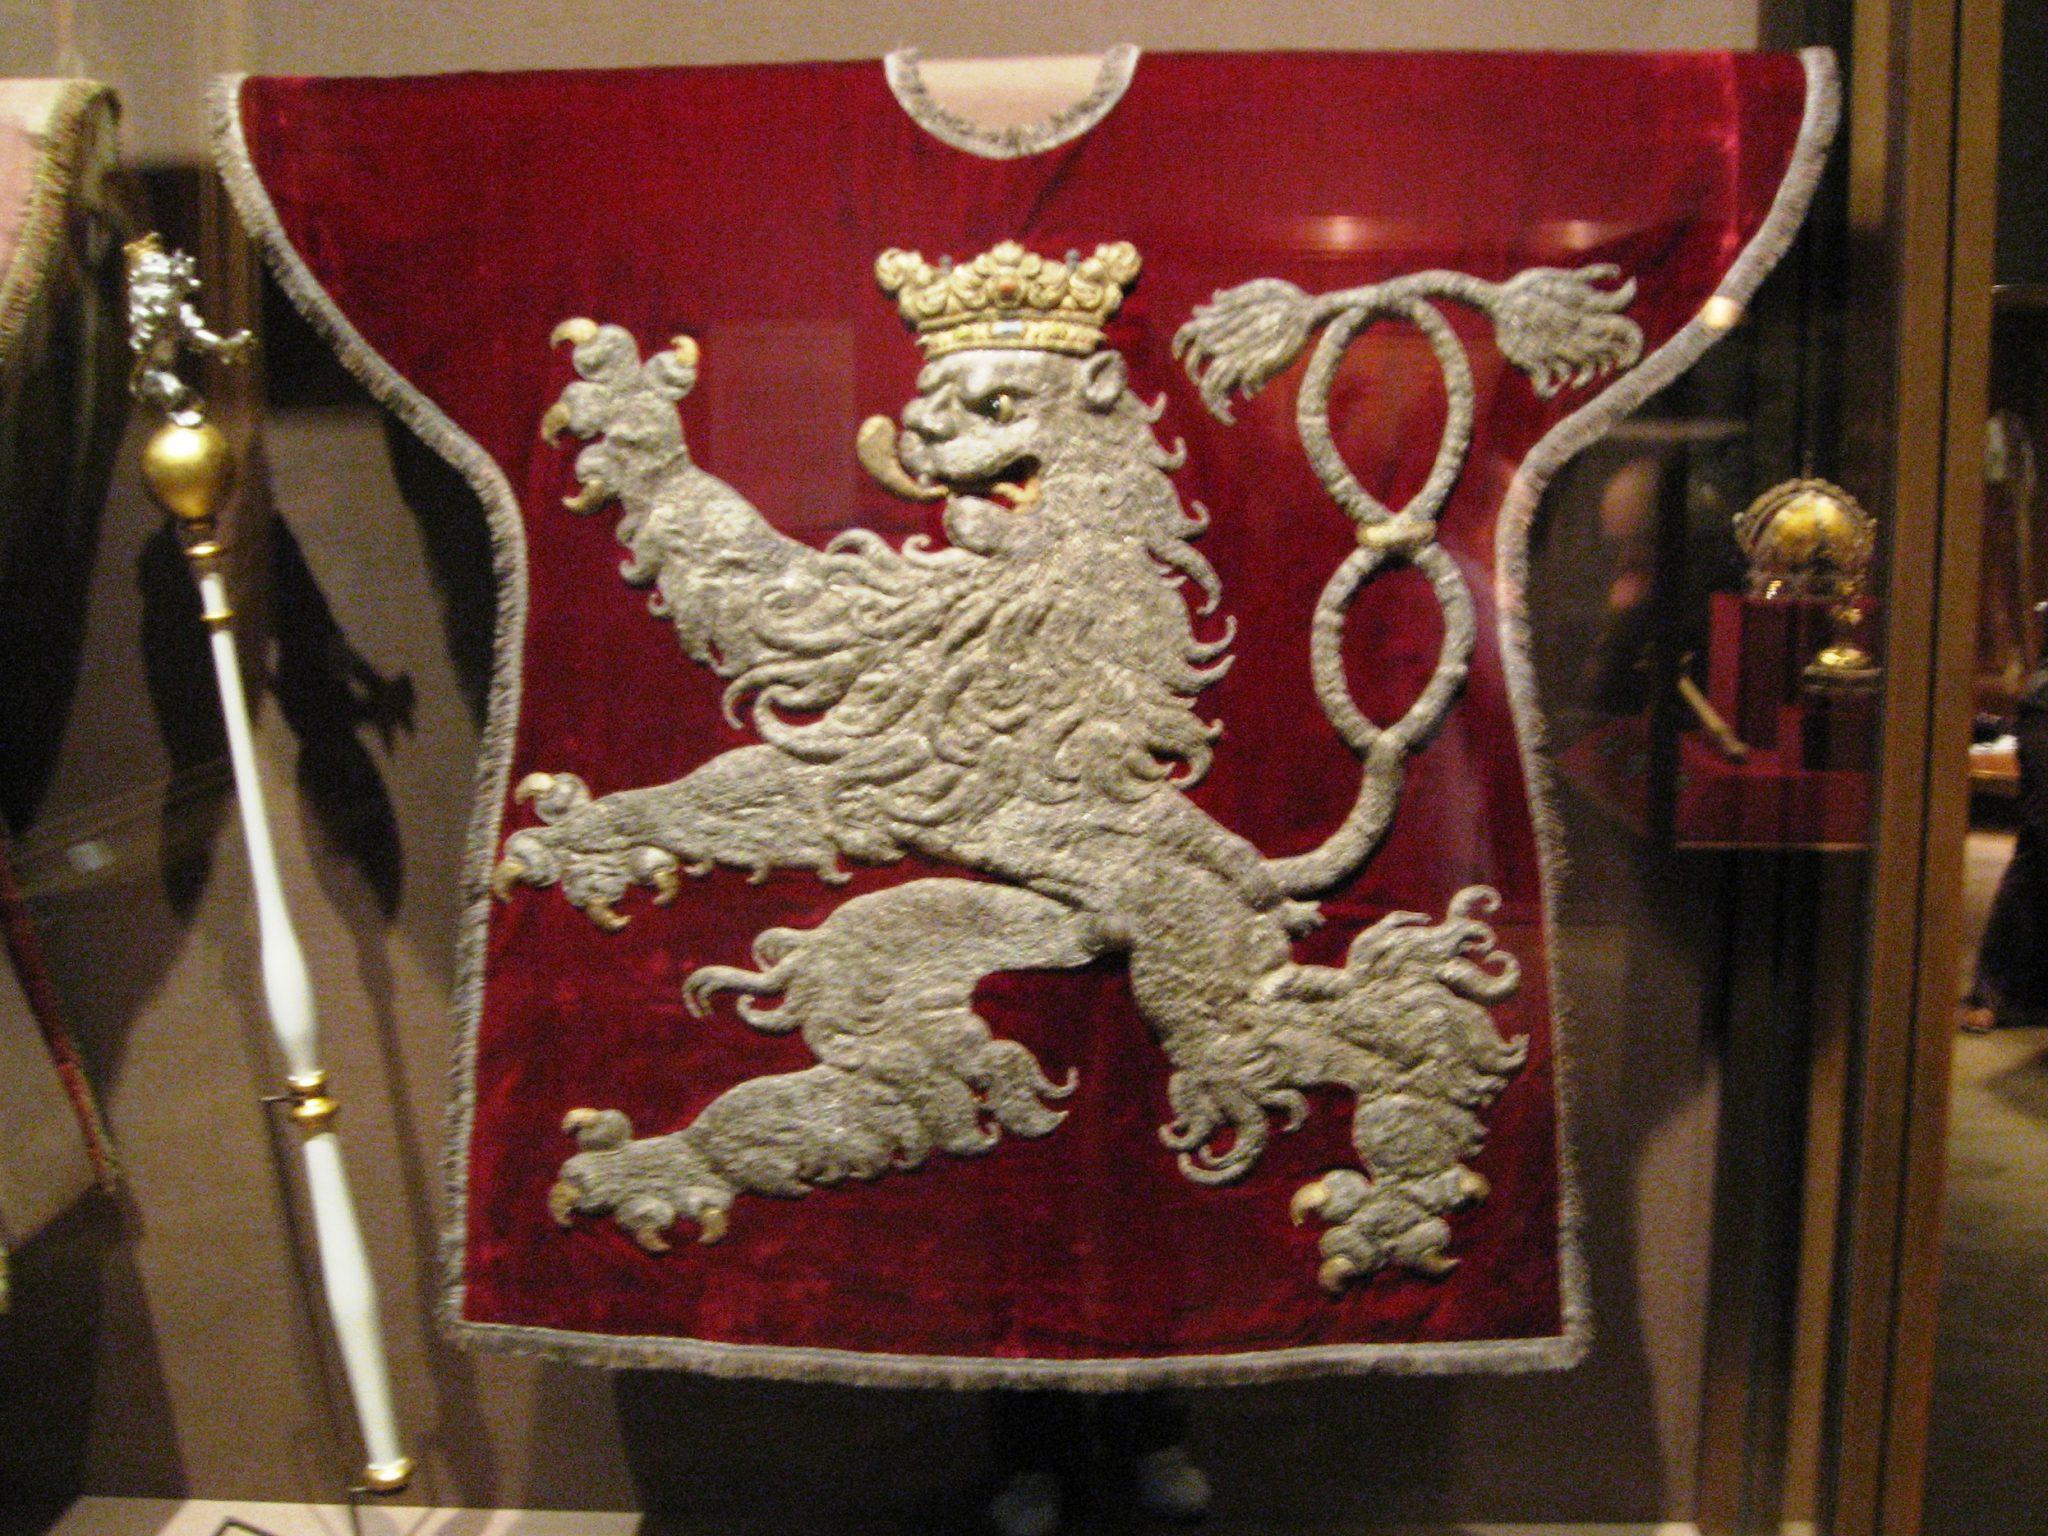 Tabard herolda Českého království - tradiční oblek heraldů.